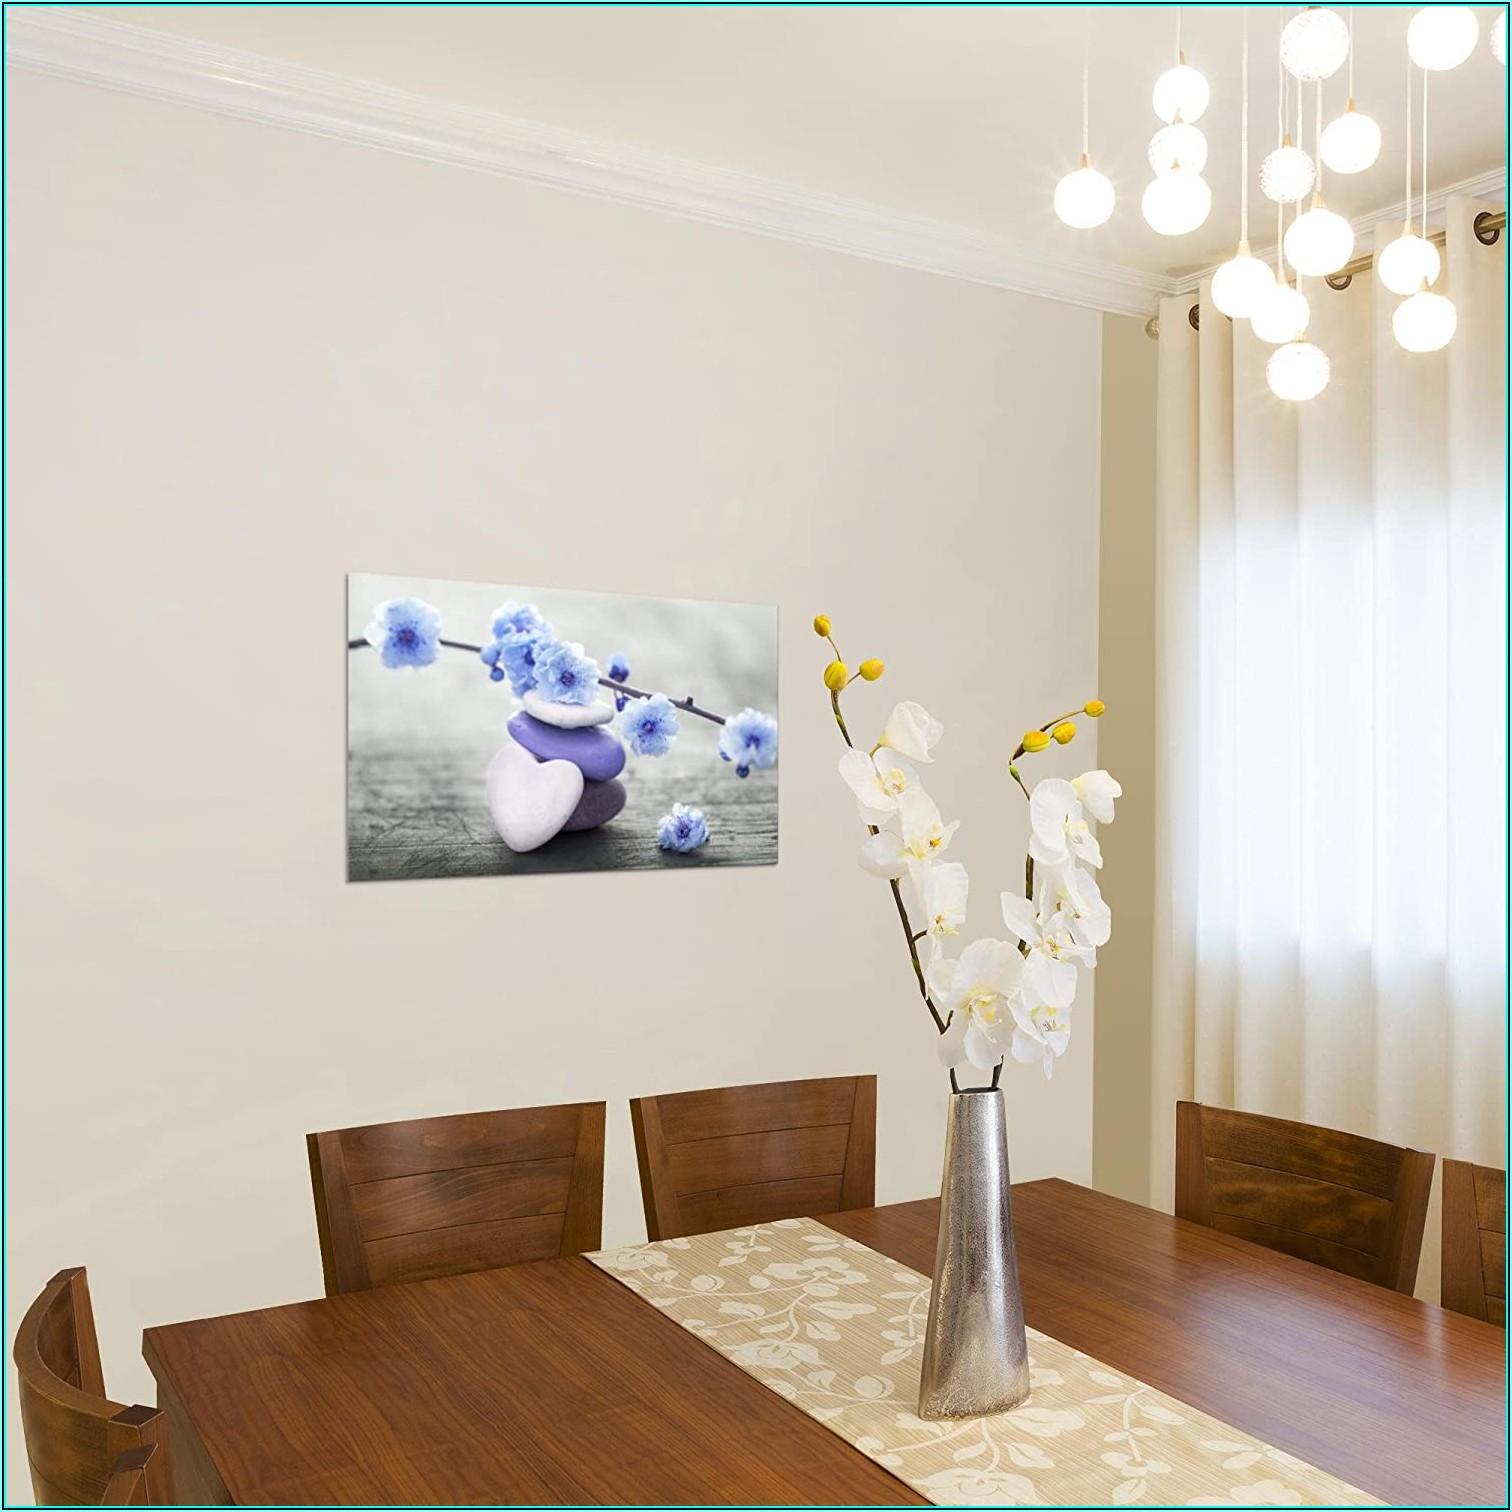 Bilder Leinwand Xxl Wohnzimmer